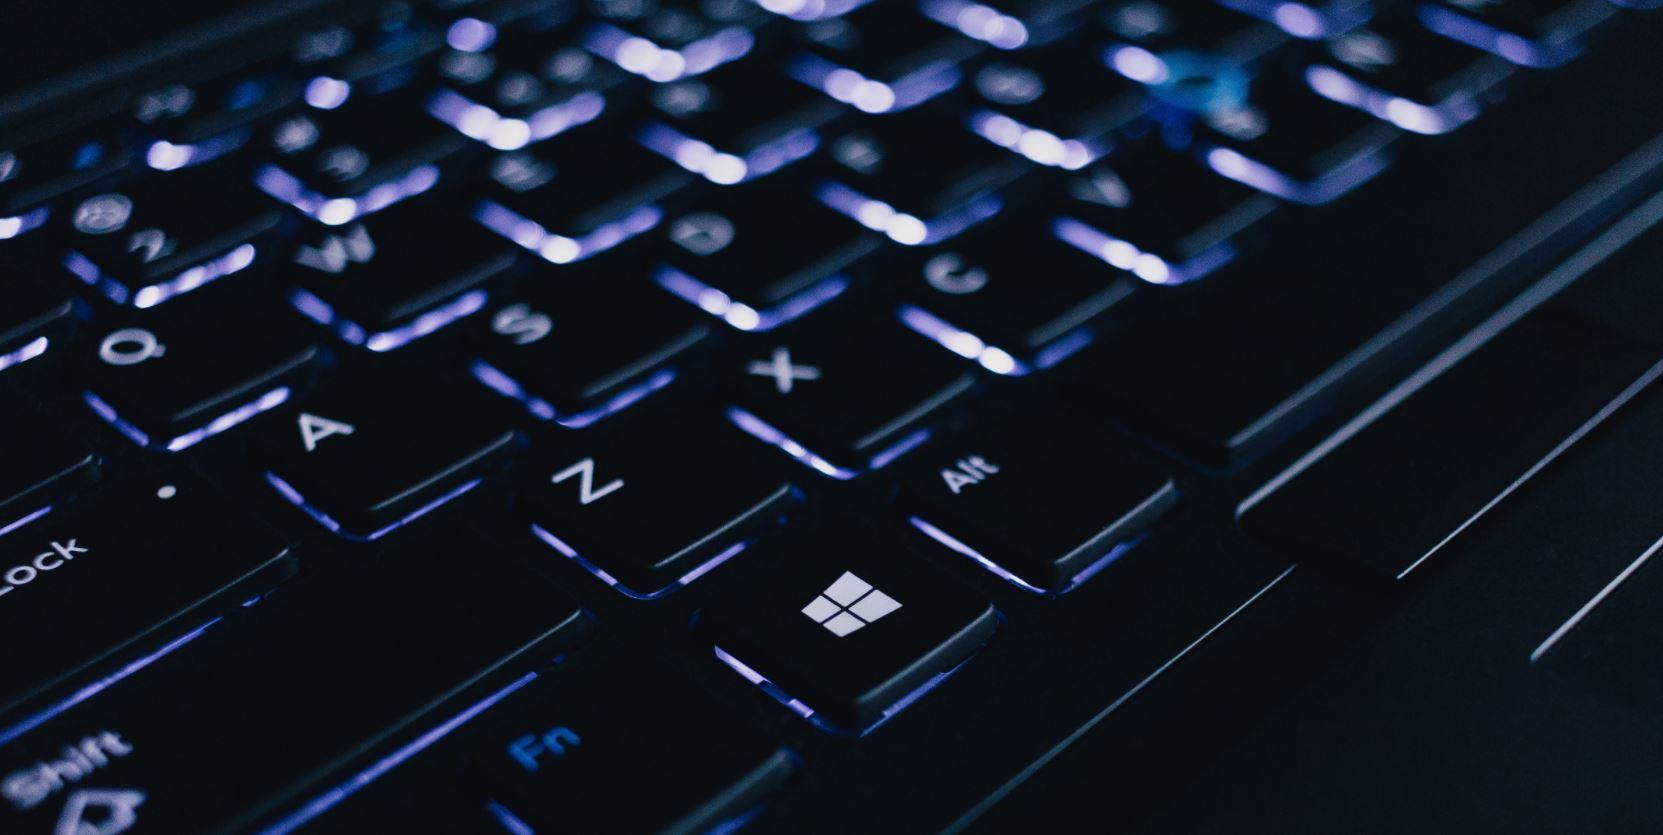 keyboard - Article III Standing and the Landmark Spokeo Case